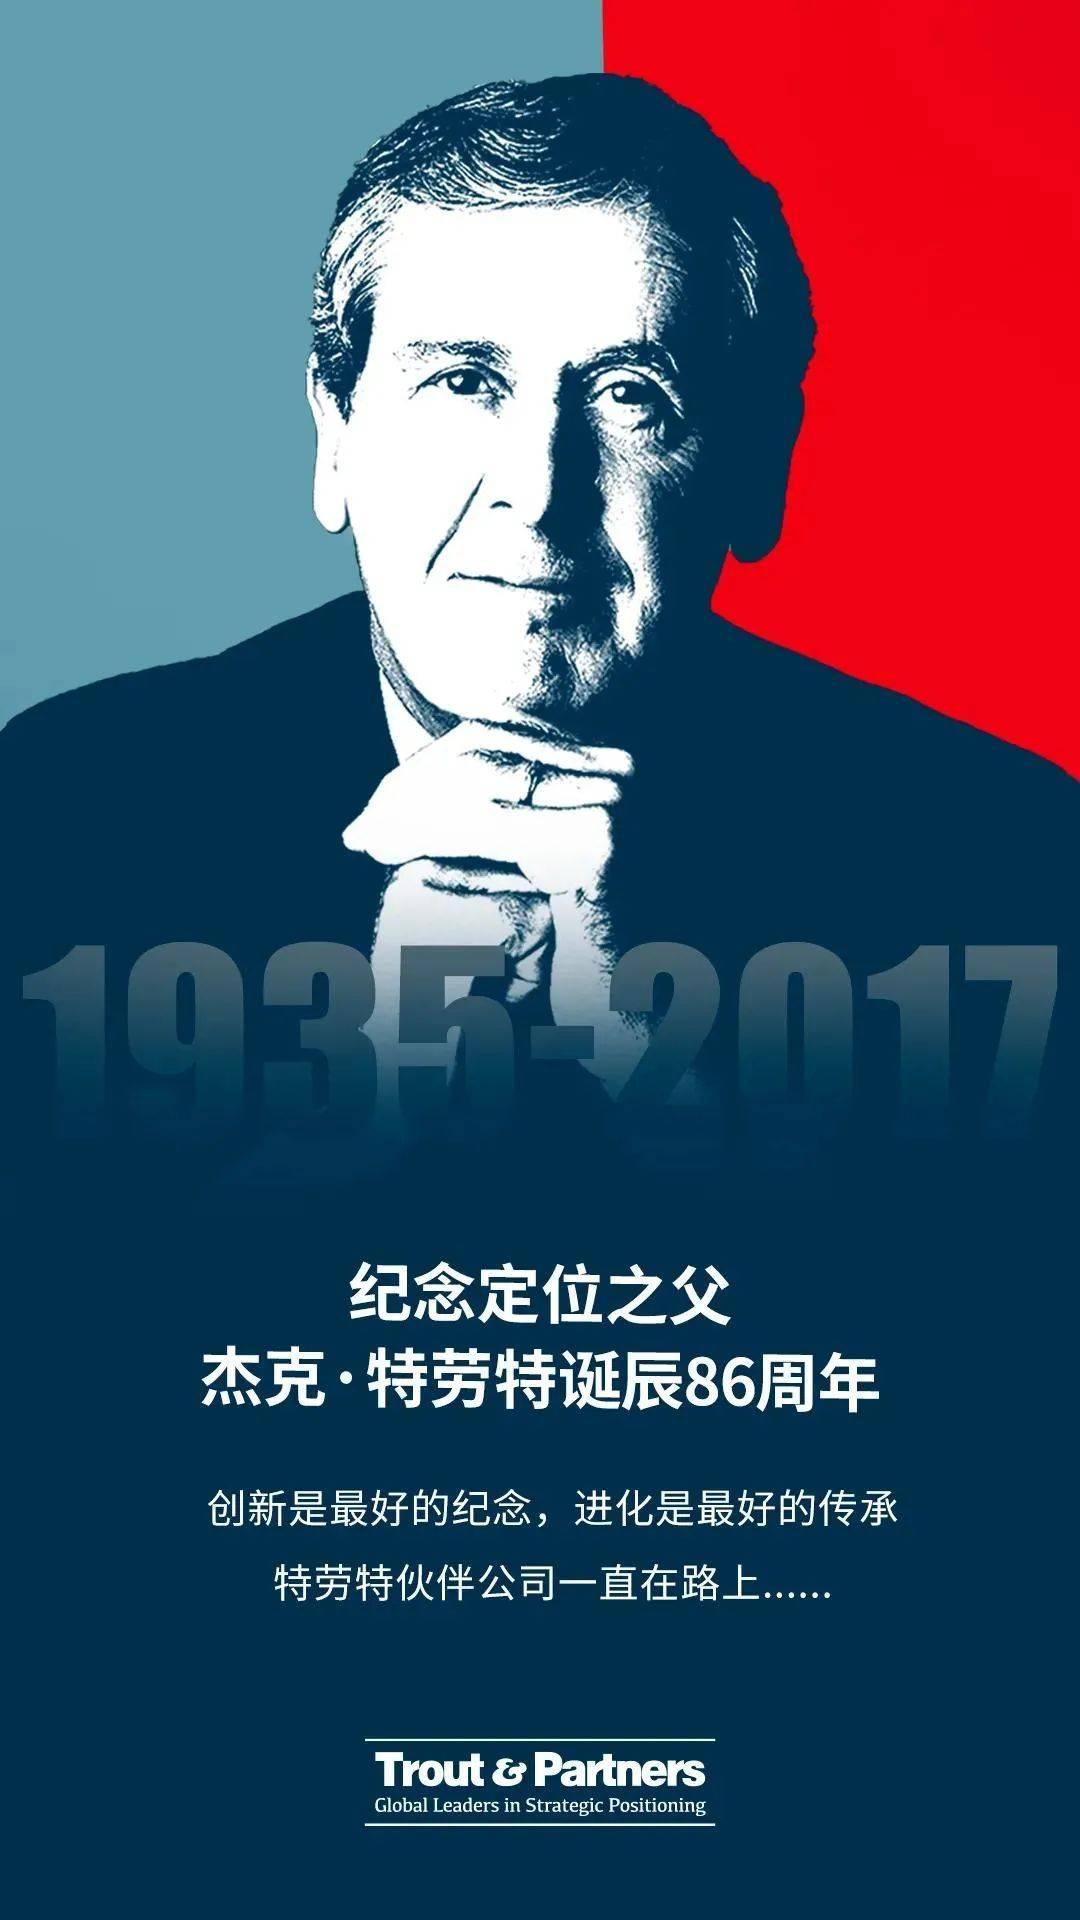 纪念定位之父杰克·特劳特诞辰86周年